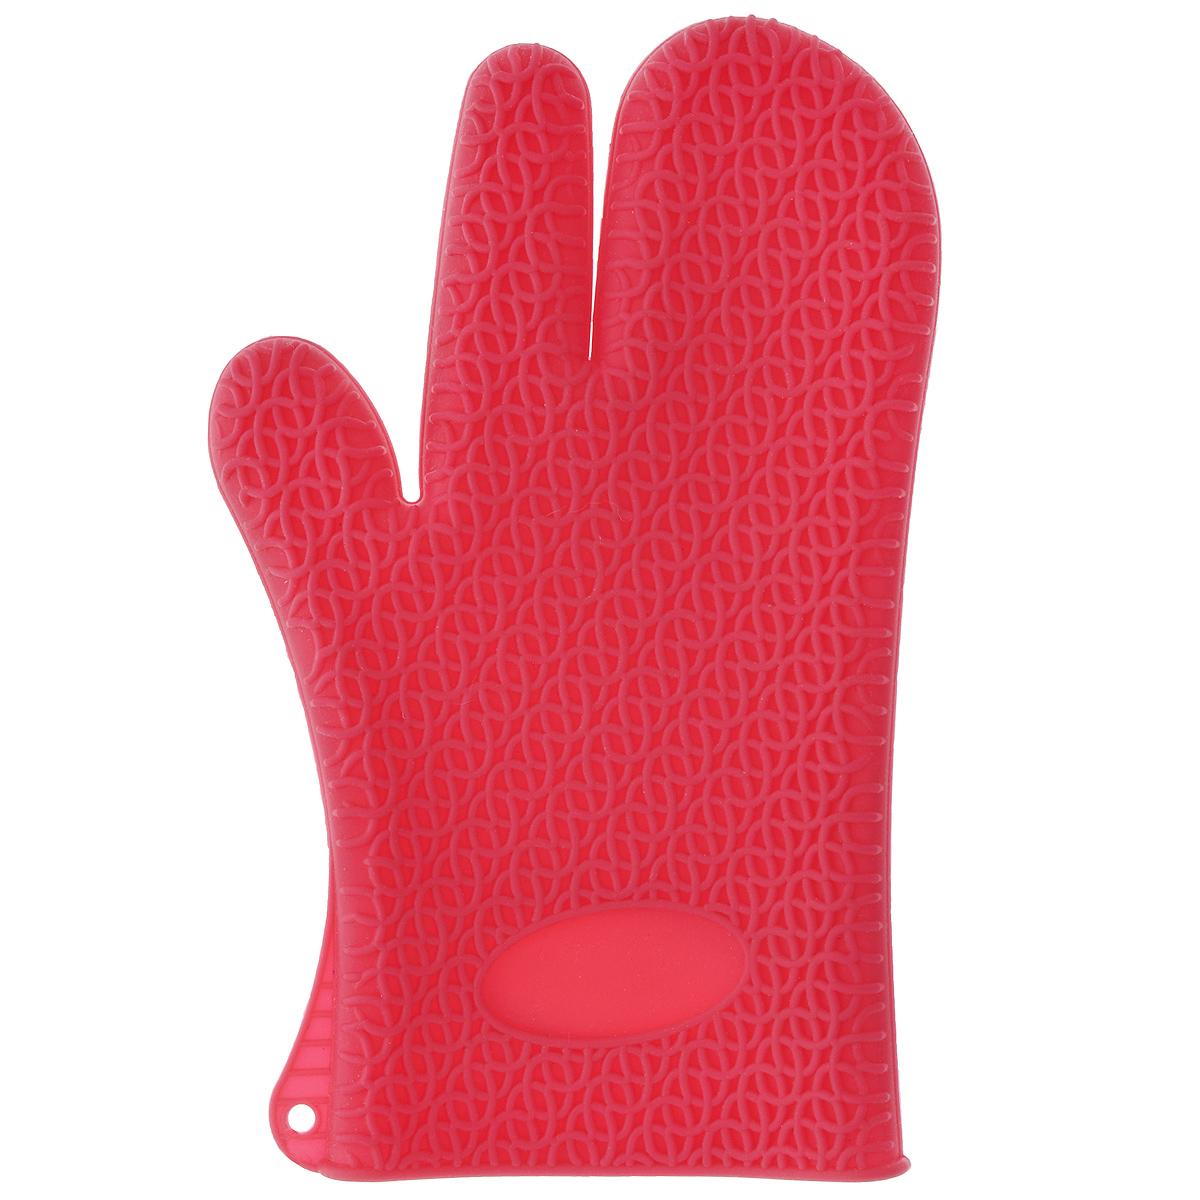 Рукавица для кухни Marmiton, силиконовая, цвет: малиновый16067_малиновыйРукавица для кухни Marmiton выполнена из цветного силикона, который выдерживает температуру от -40°С до +240°С. Изделие приятное на ощупь, невероятно гибкое и прочное. Рукавица имеет рельефную поверхность, что обеспечивает еще более надежный хват.С помощью такой рукавицы ваши руки будут защищены от ожогов, когда вы будете ставить в печь или доставать из нее выпечку.Размер: 17 см х 28 см.